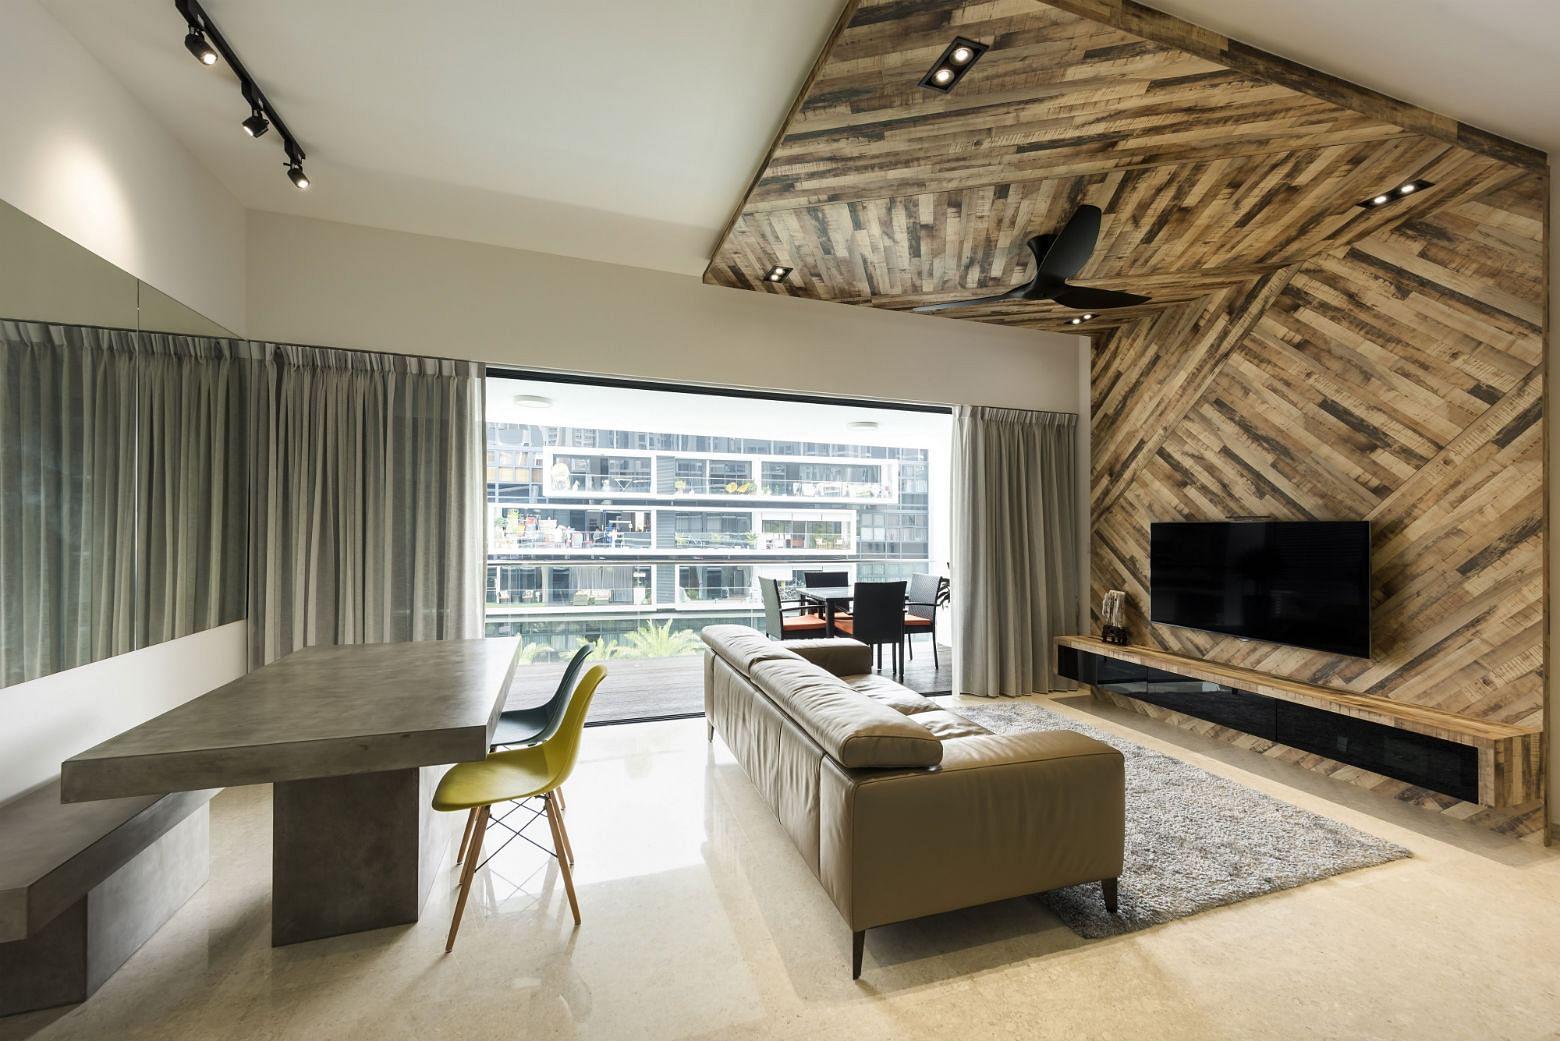 High Quality Rezt U0026 Relax Interior Design